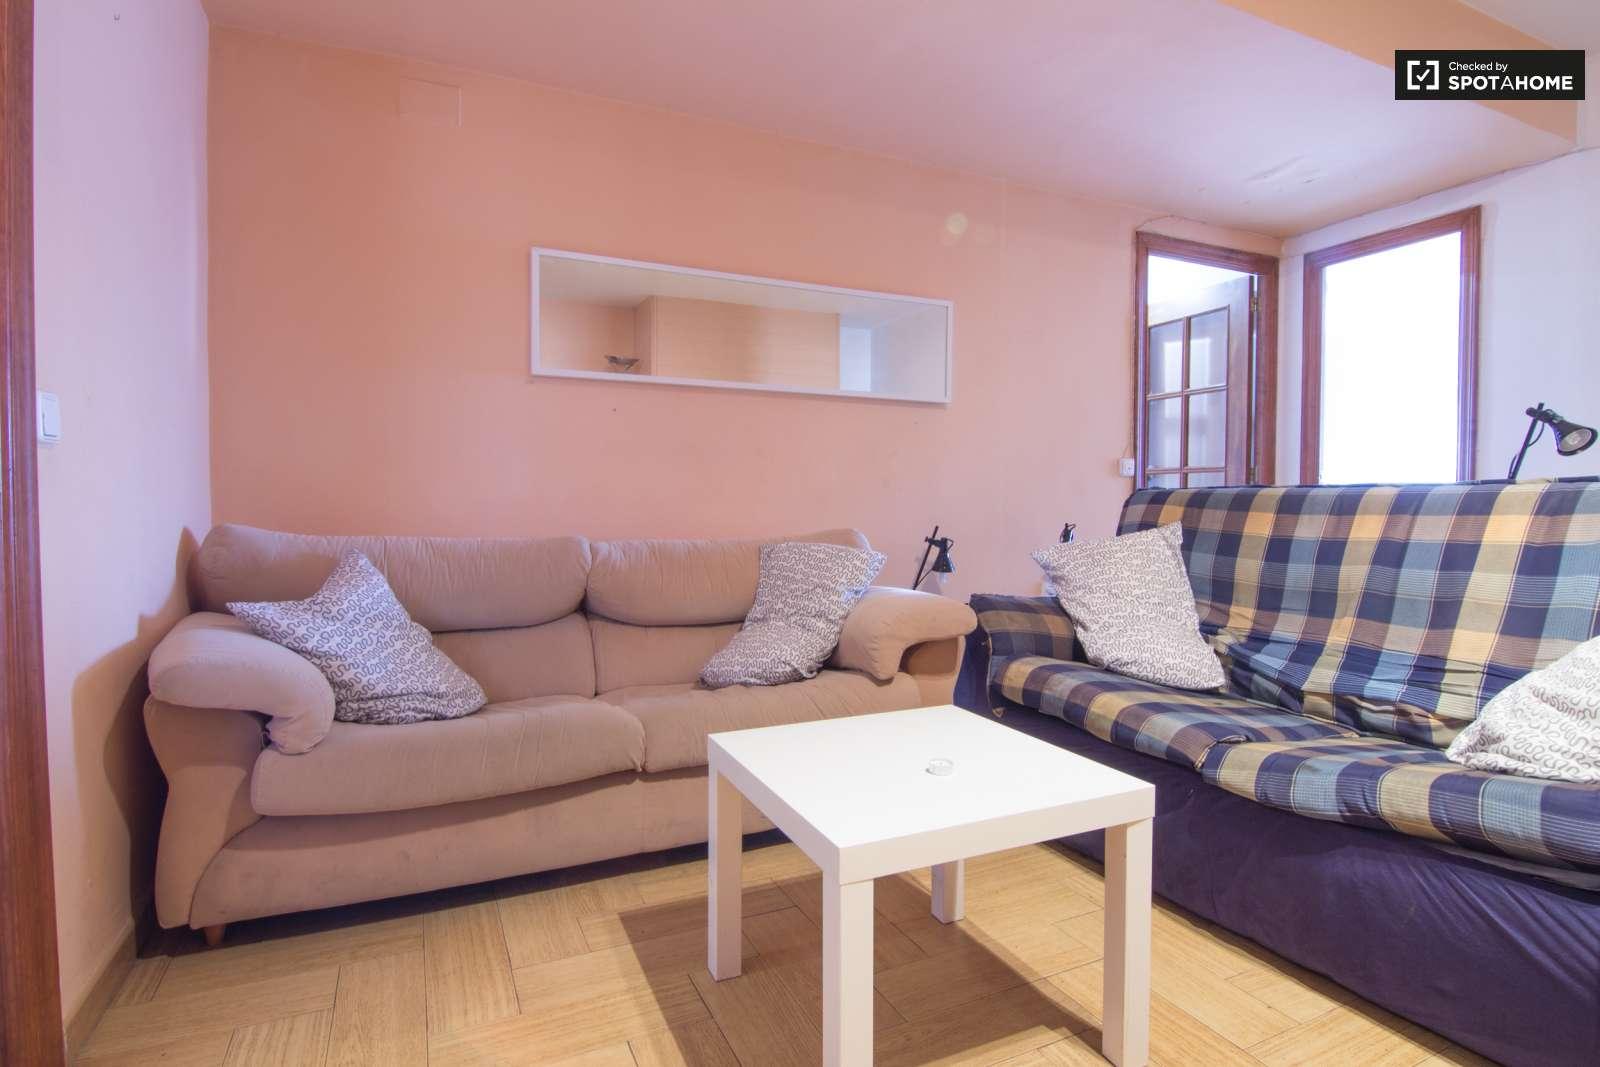 Habitaciones en alquiler en piso con balc n en algir s for Alquiler piso algiros valencia